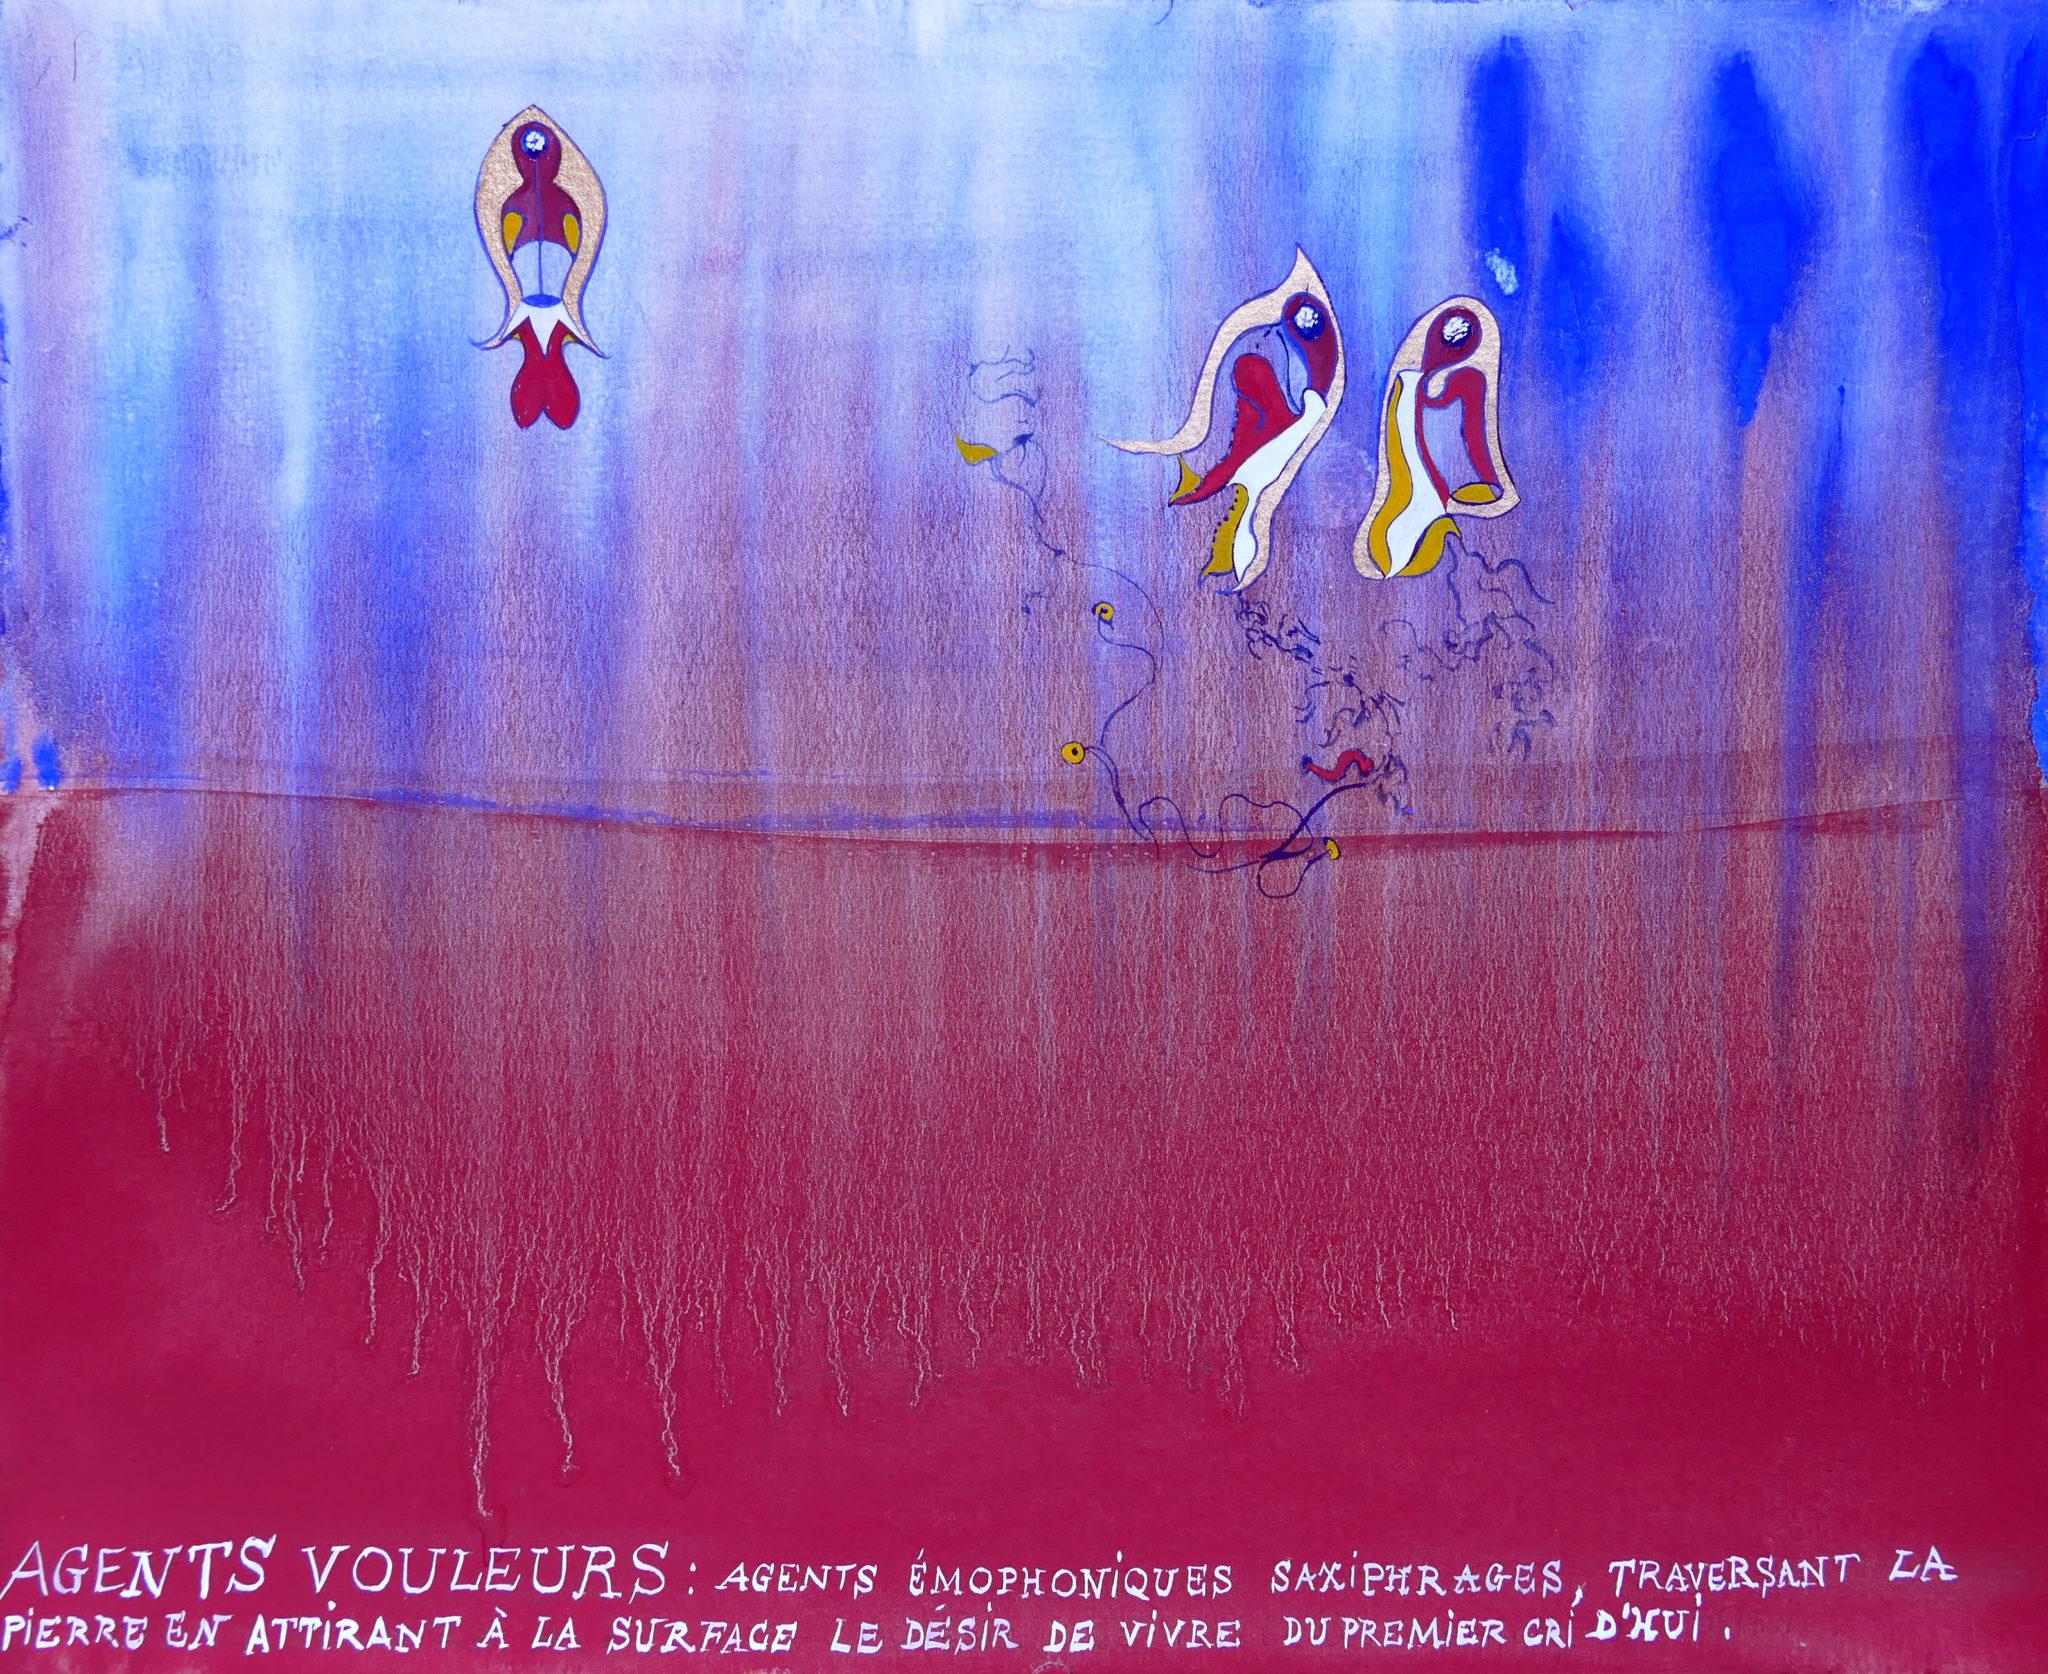 Lucie Picandet, Agents Vouleurs, Agents Saxiphrages, Paysages émophoniques, Série des Emophones, Celui que je suis, 2019_Aquarelle et gouache sur papier, 30 x 42 cm © Galerie Georges-Philippe & Nathalie Vallois